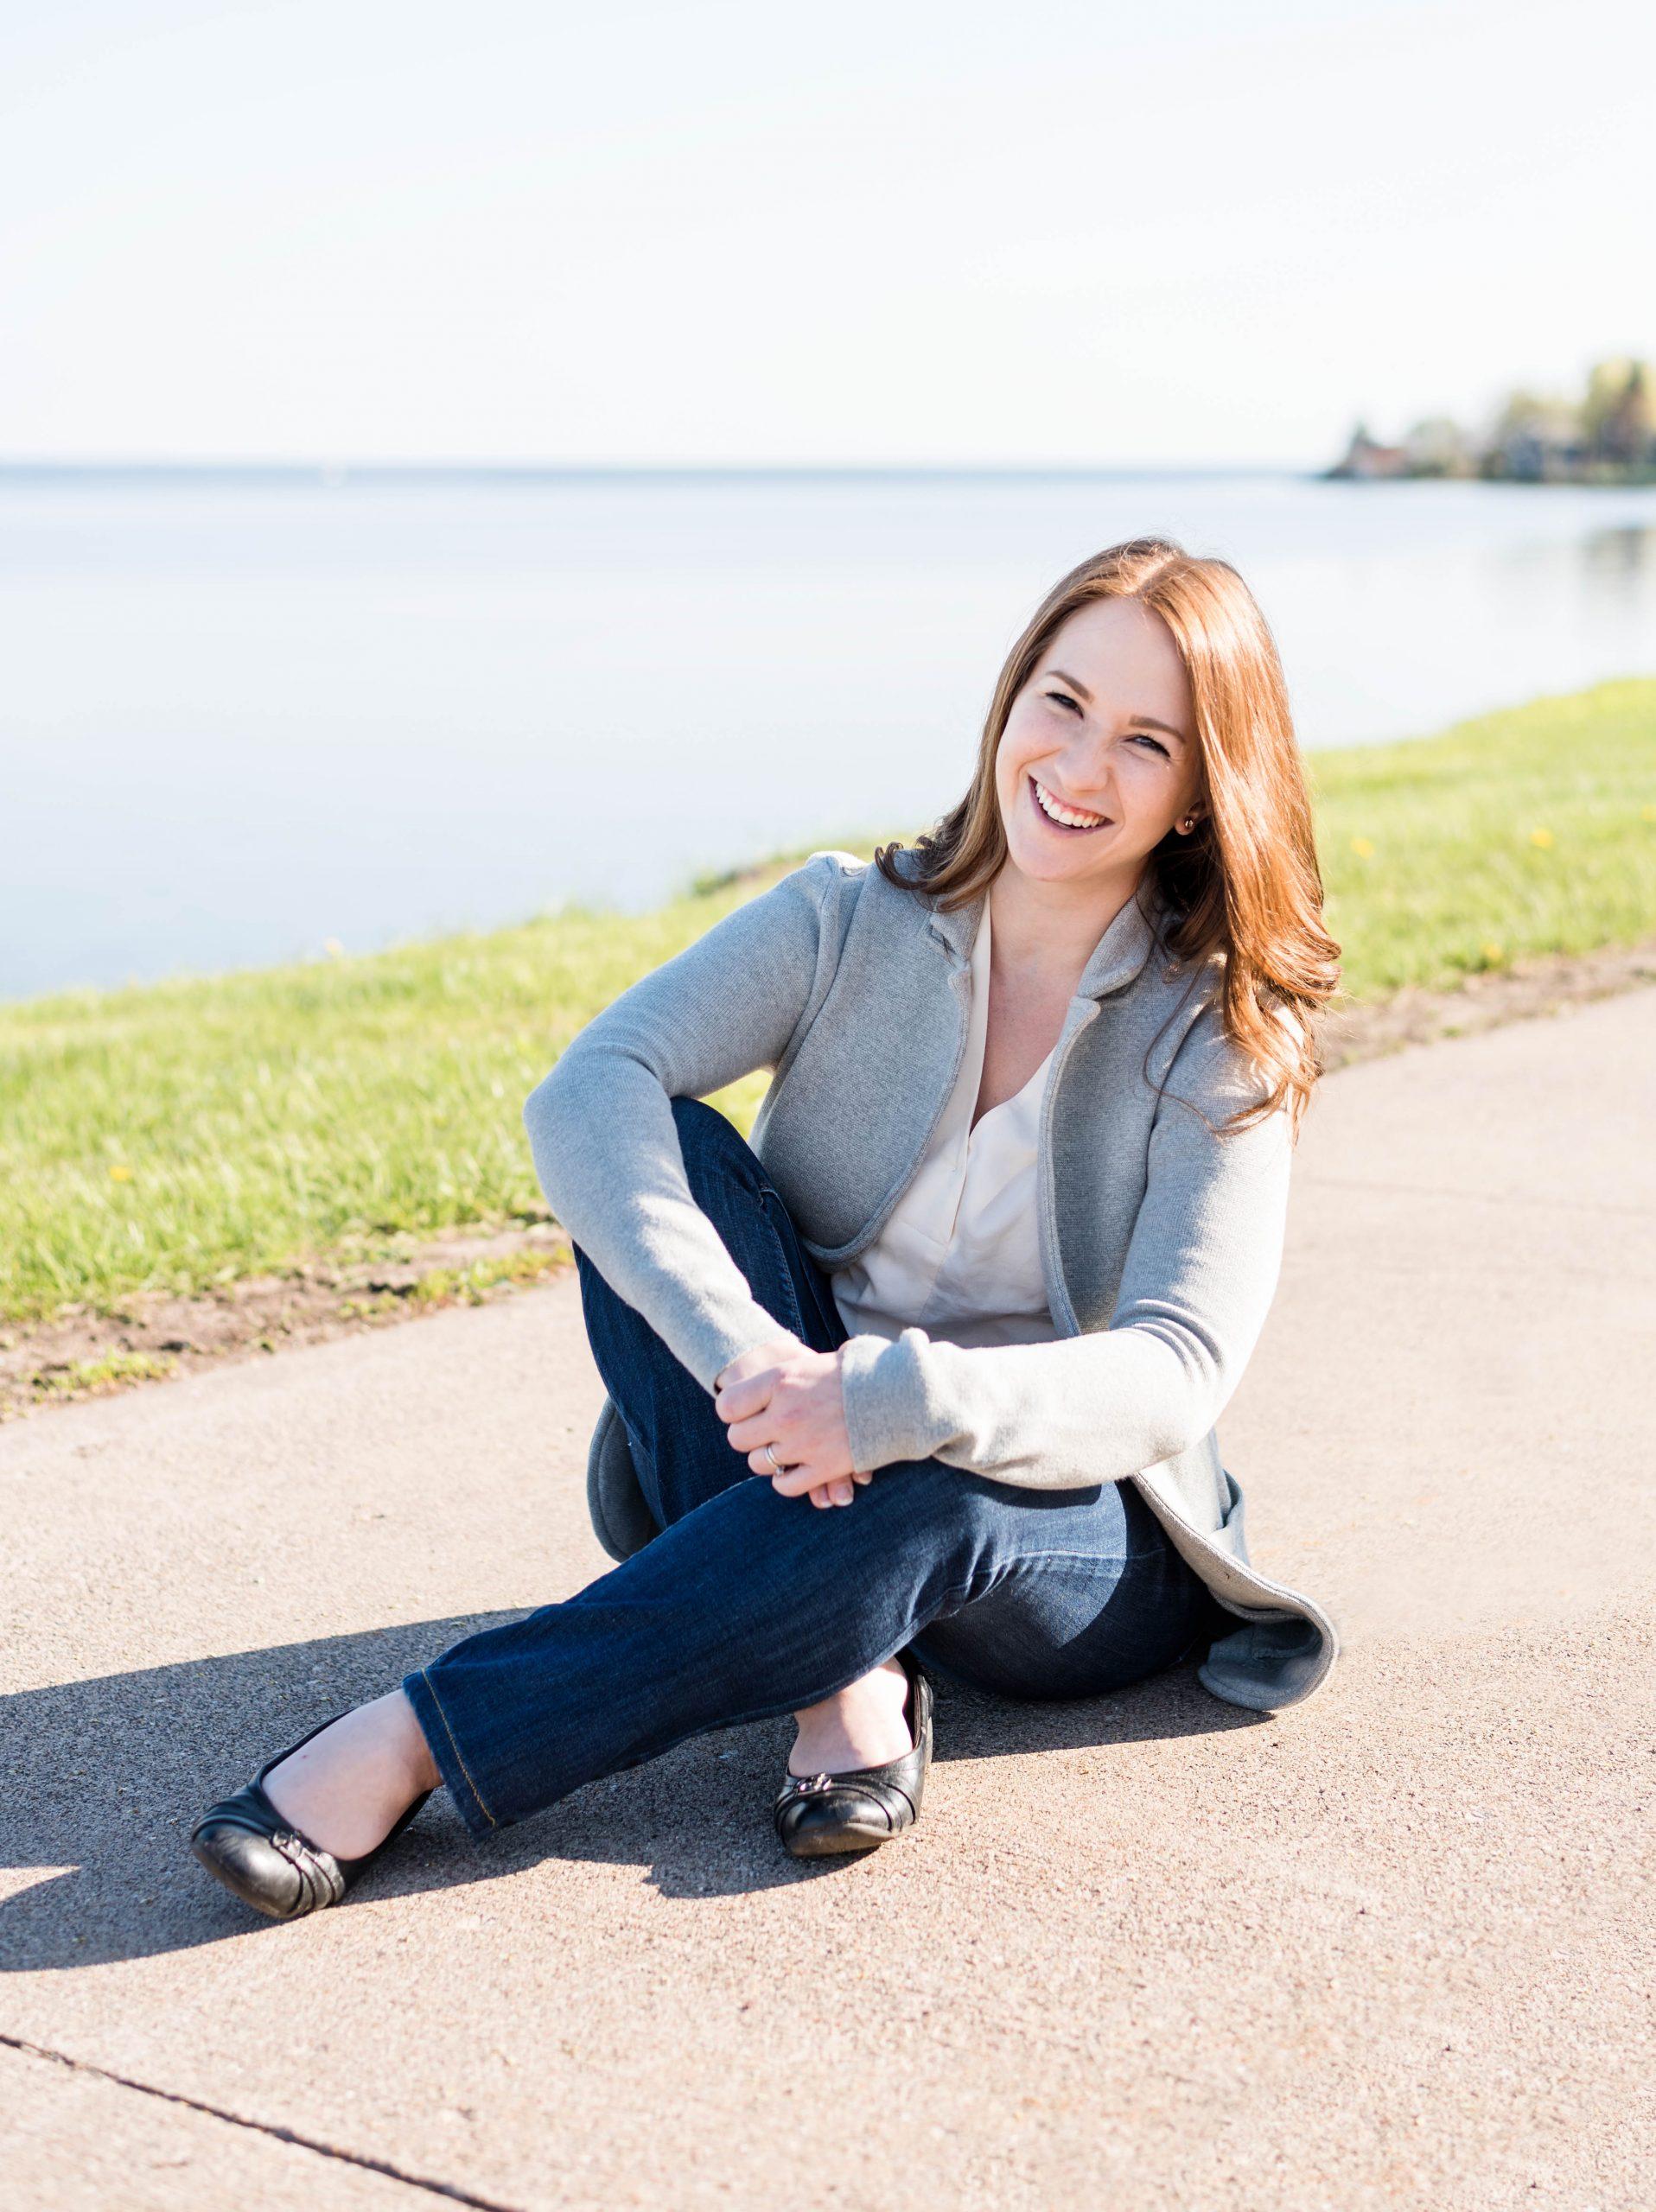 photographer sitting on a sidewalk near the bay